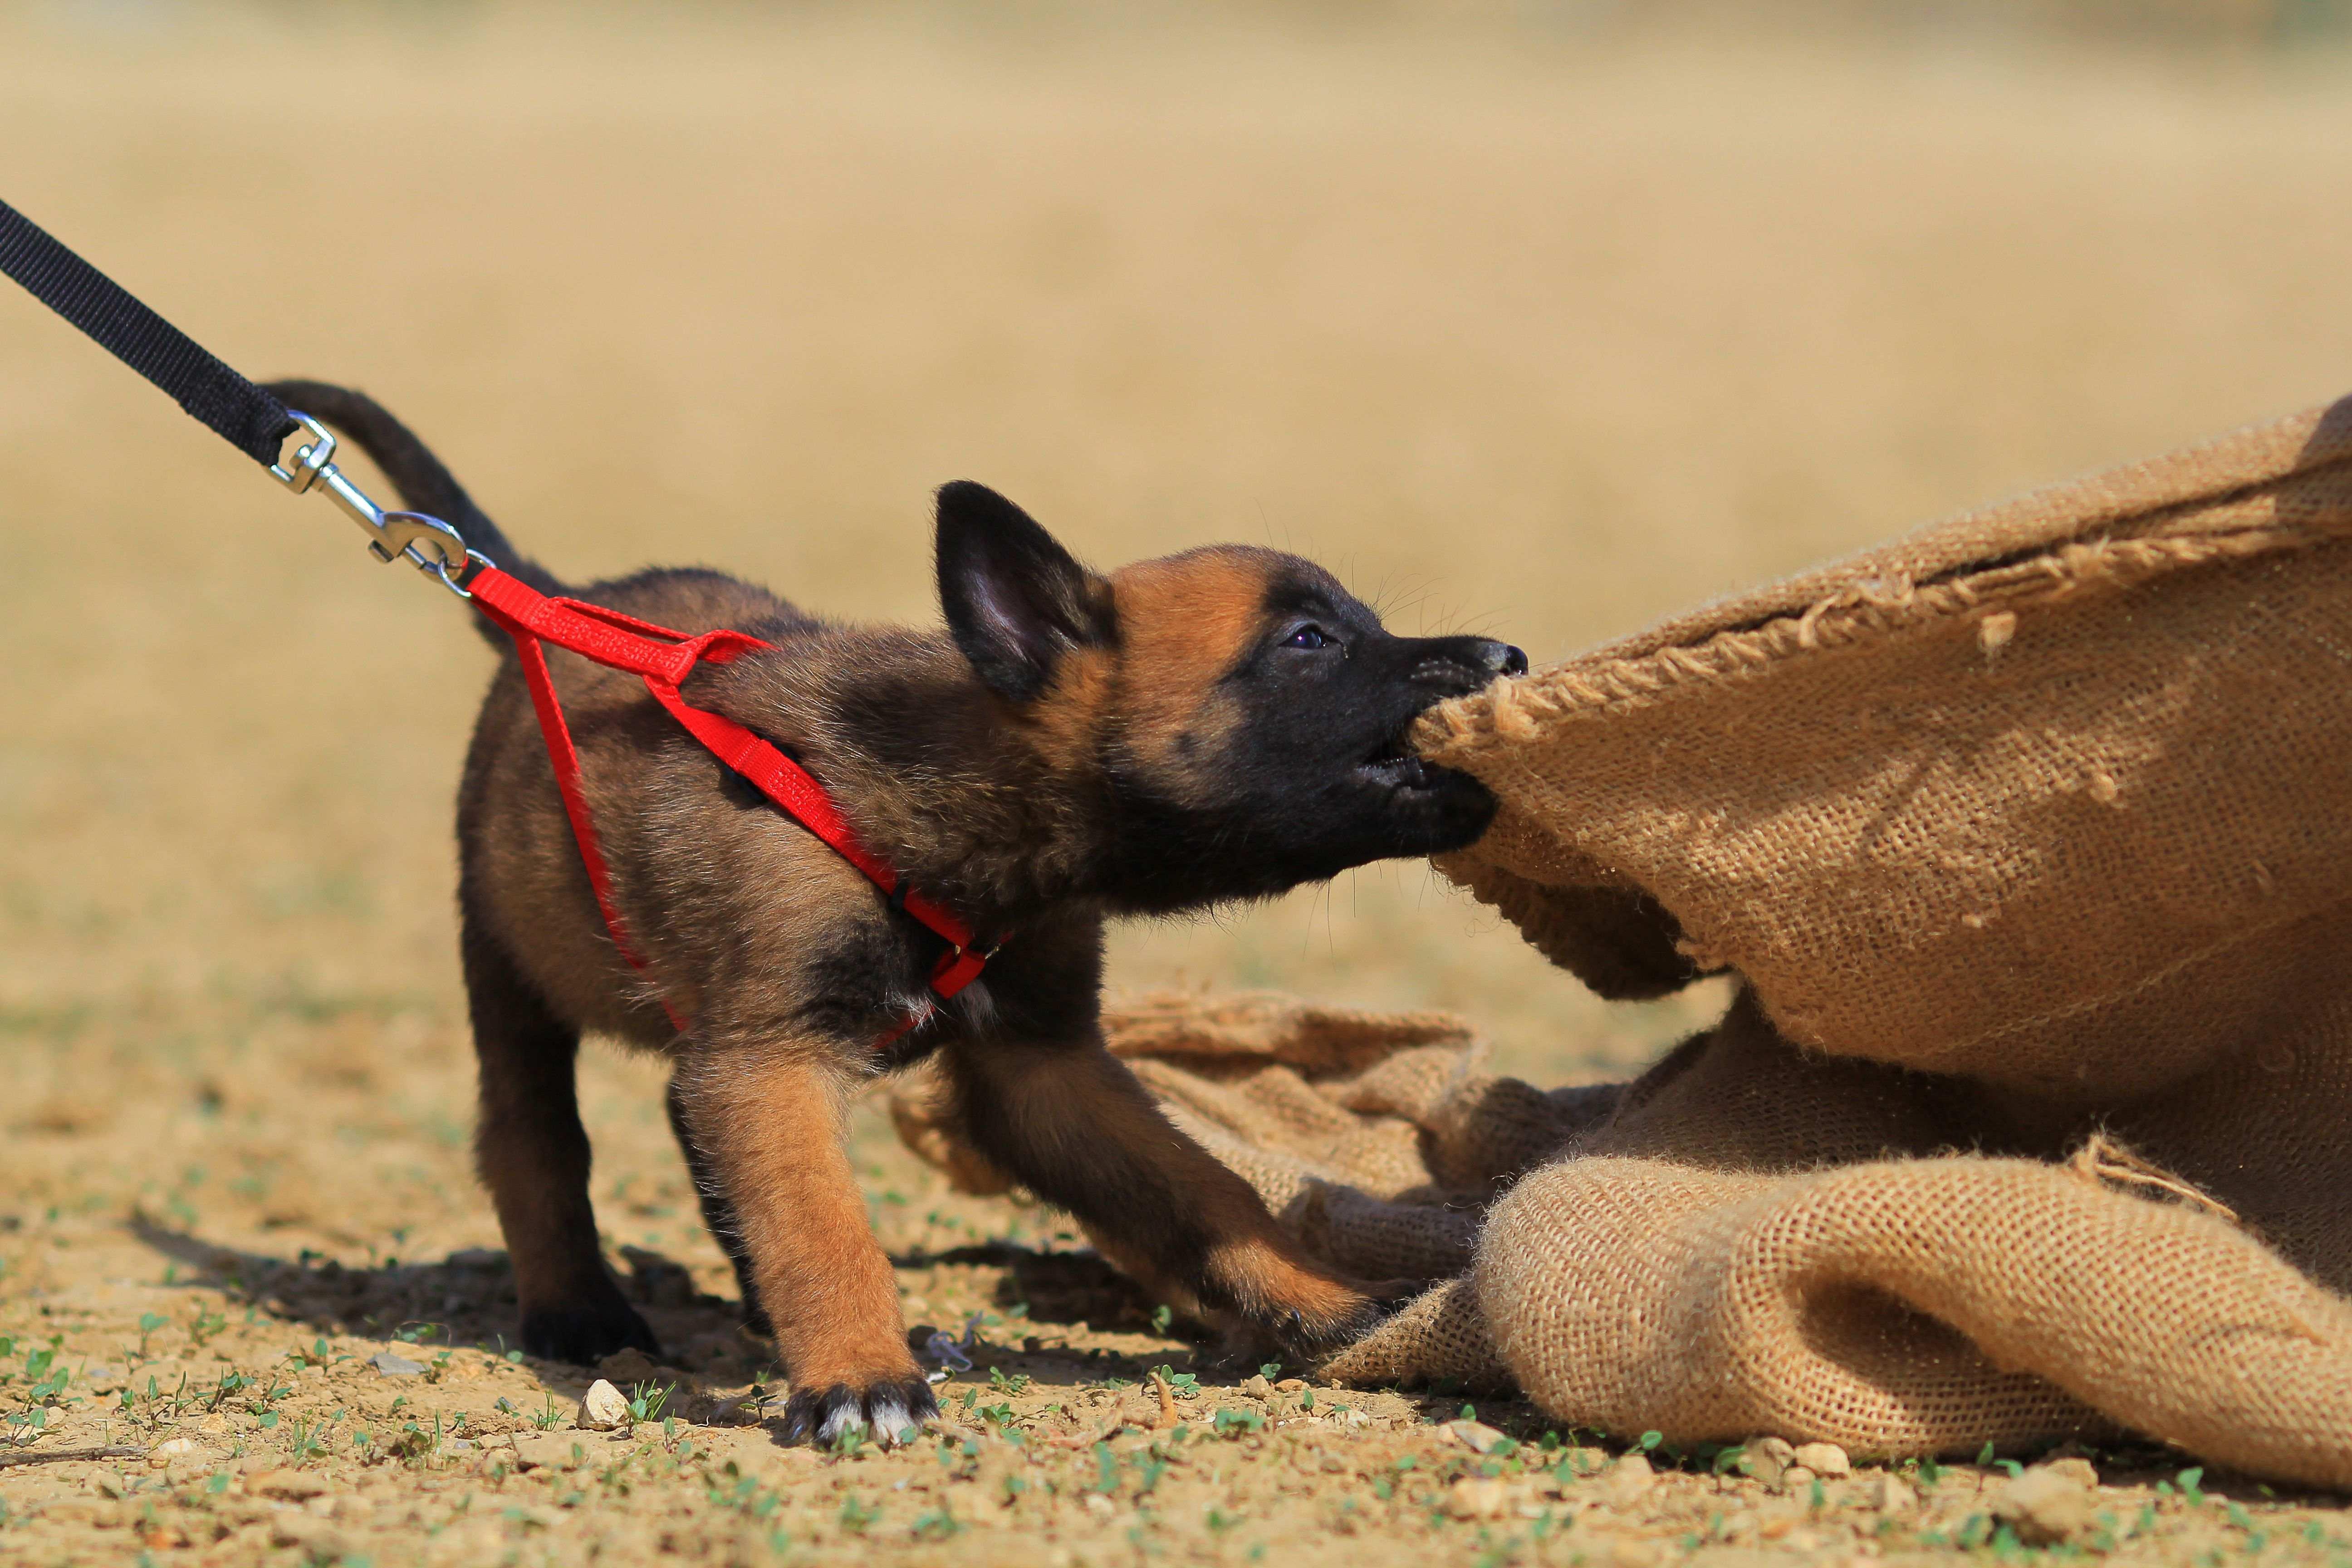 Come scegliere guinzaglio, collare e pettorina per l'addestramento dei cani